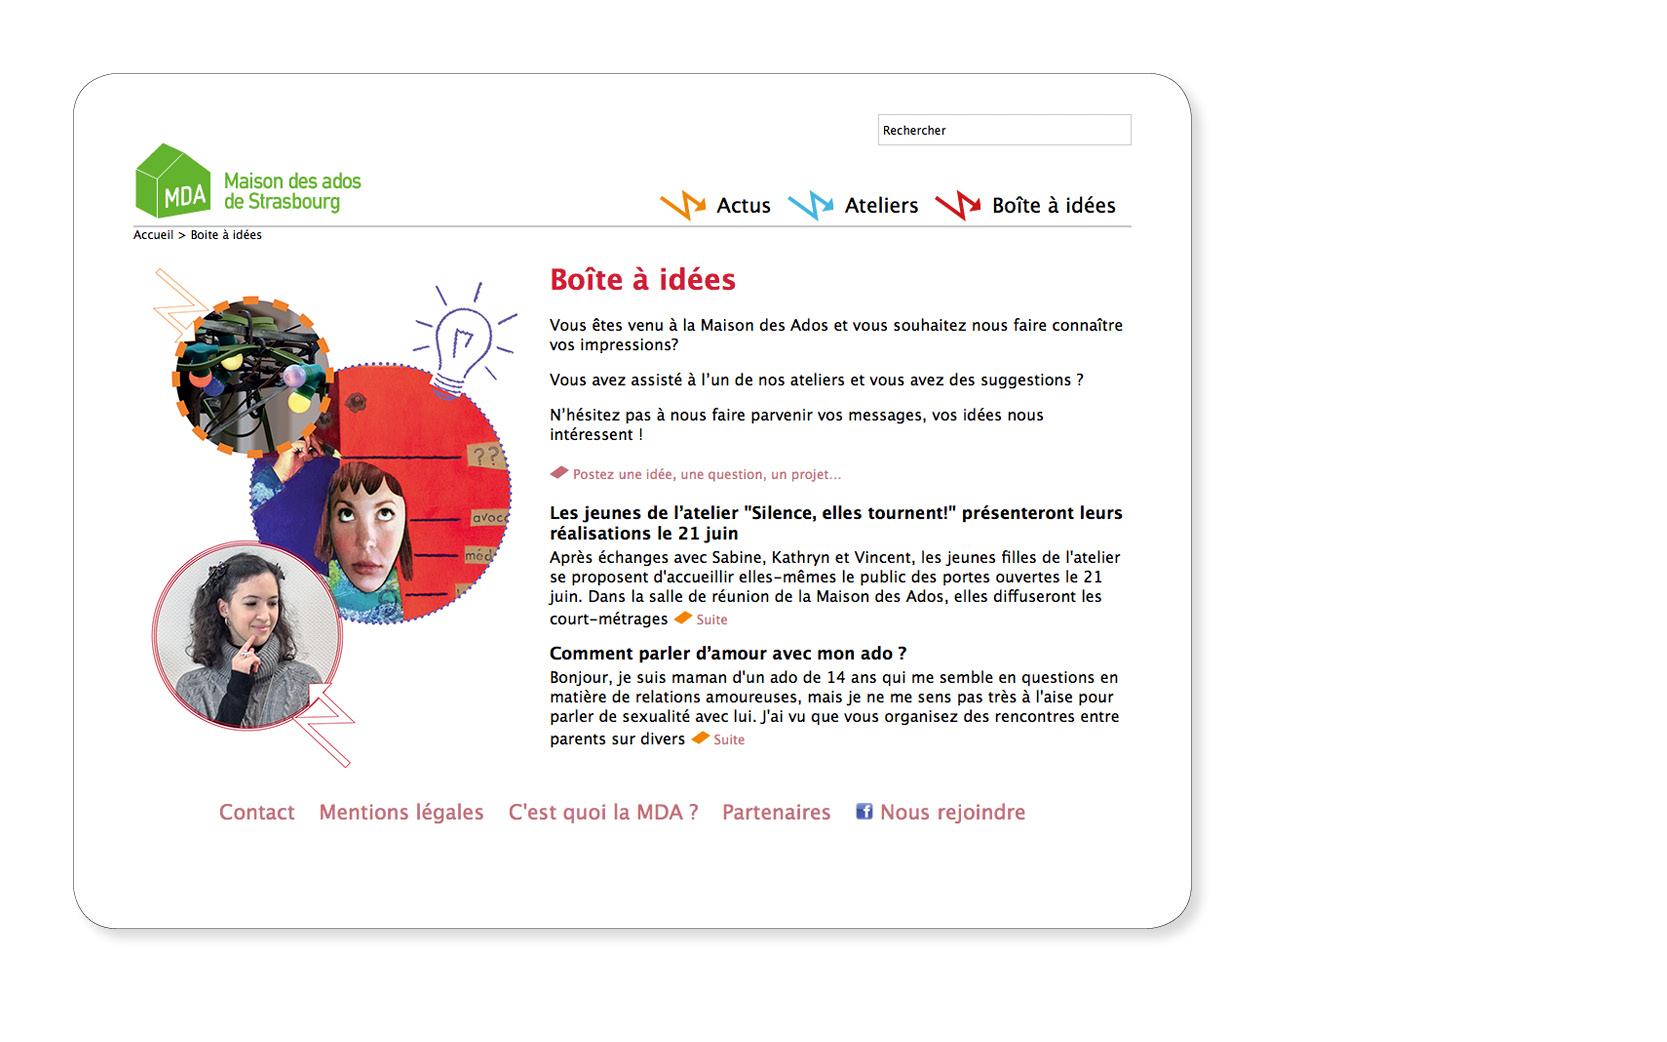 Création du site internet de la Maison des ados de Strasbourg, 2012. Informatique, Arboresys conseil.